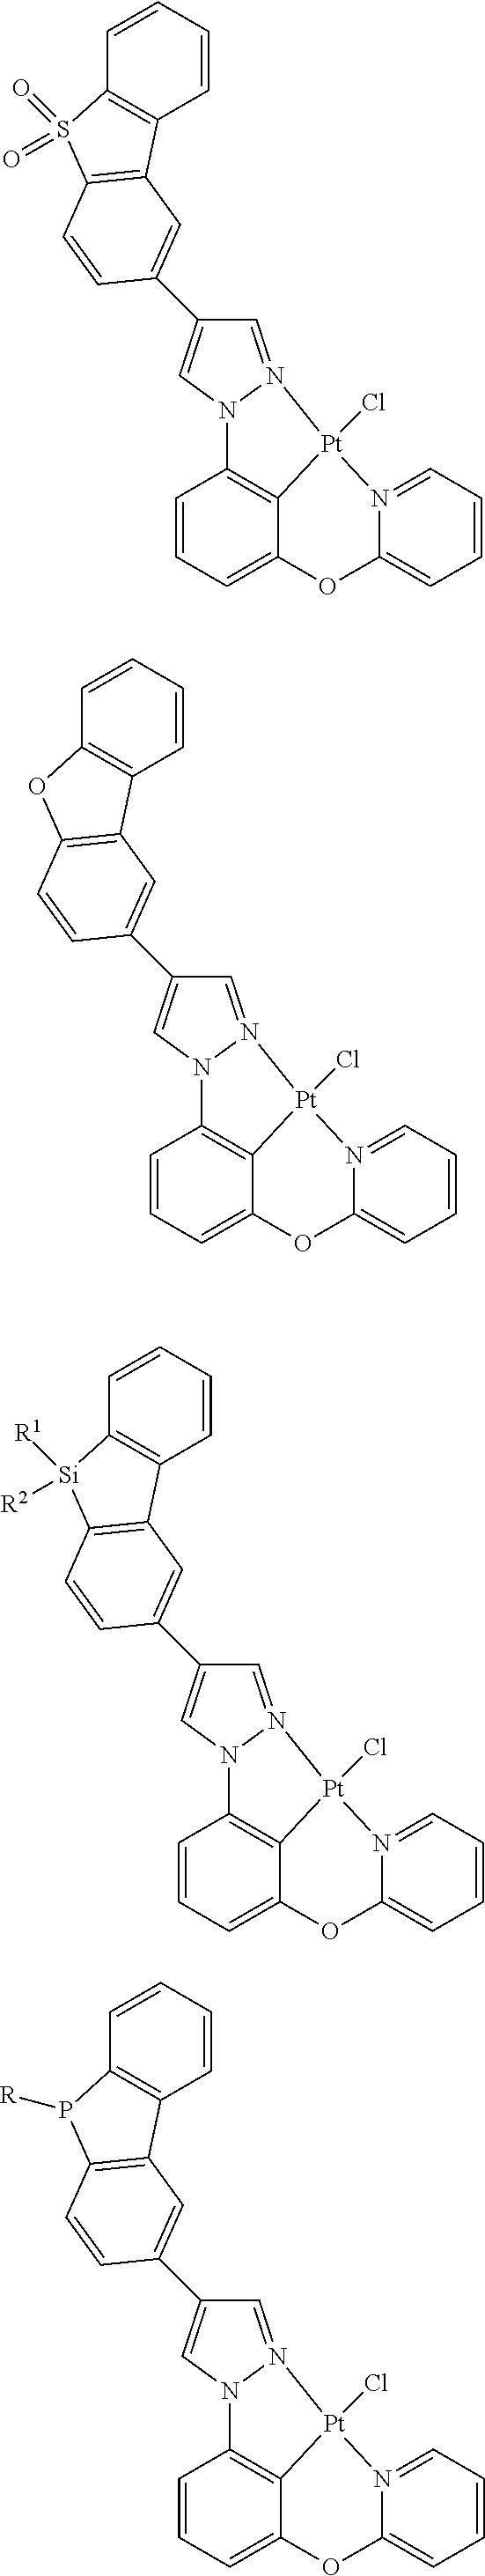 Figure US09818959-20171114-C00129